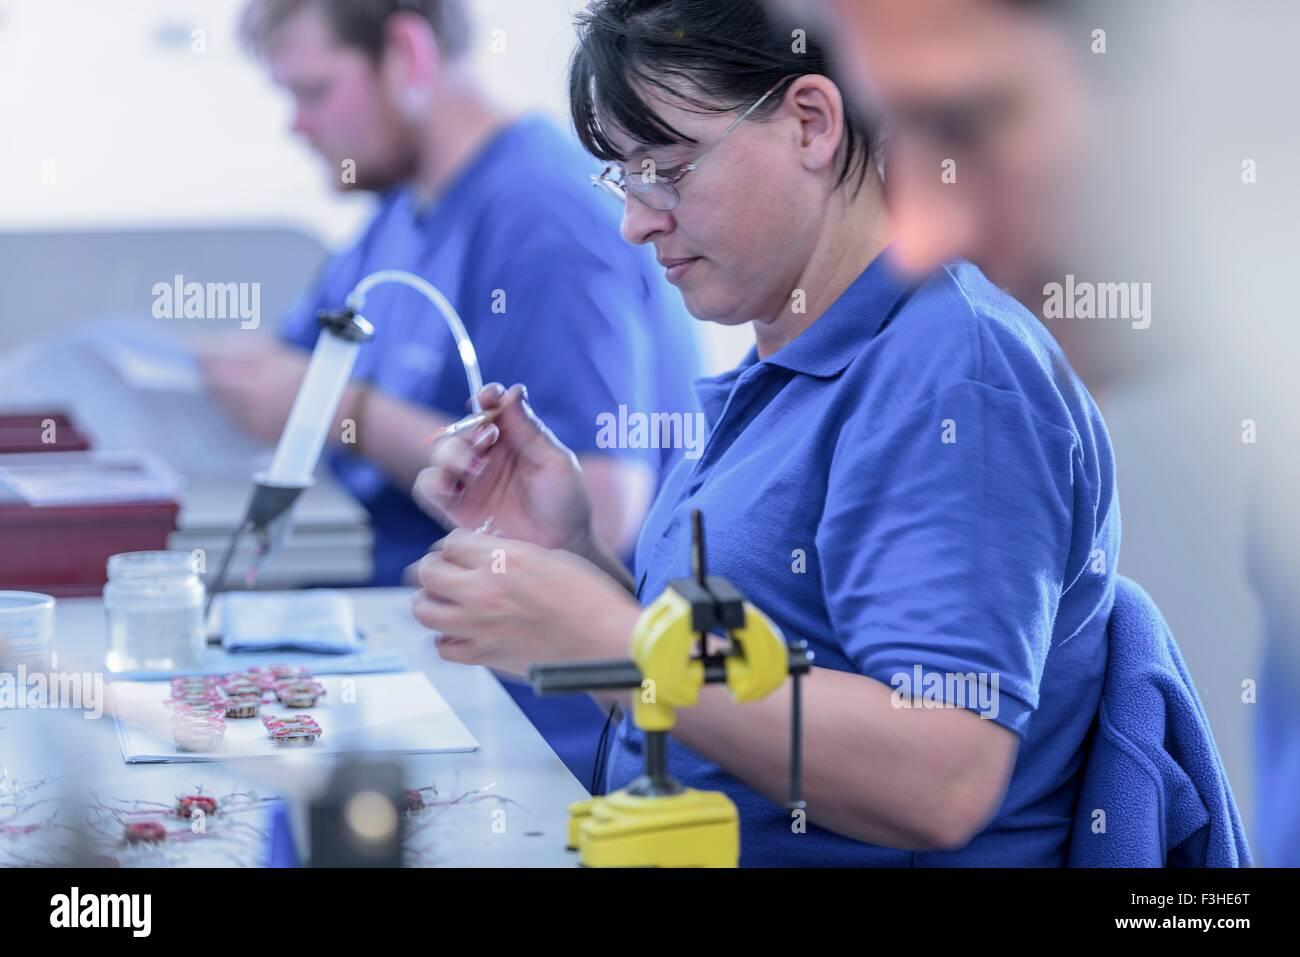 Trabajadora montaje de electroimanes en la línea de producción en la fábrica de electrónica Imagen De Stock